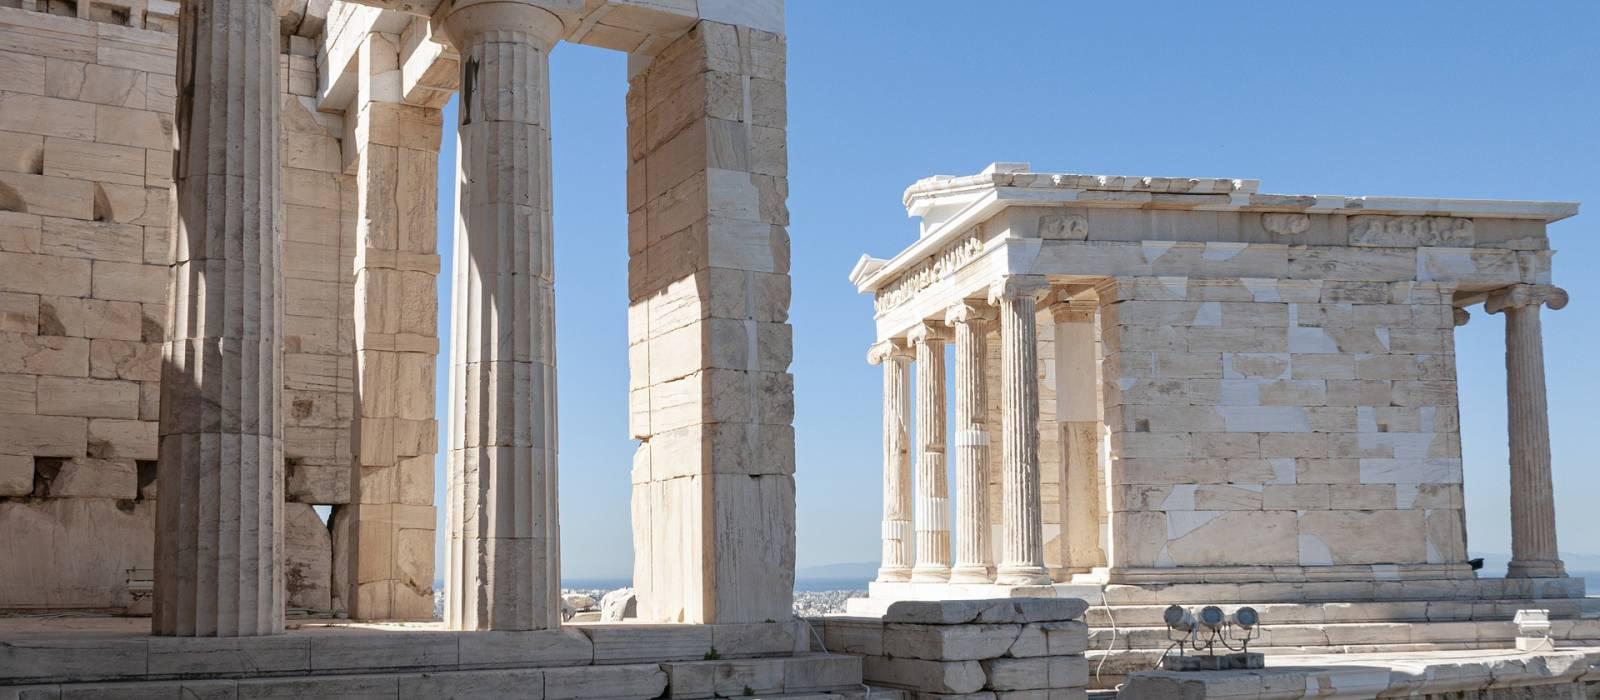 Griechenland Sehenswürdigkeiten - Athen